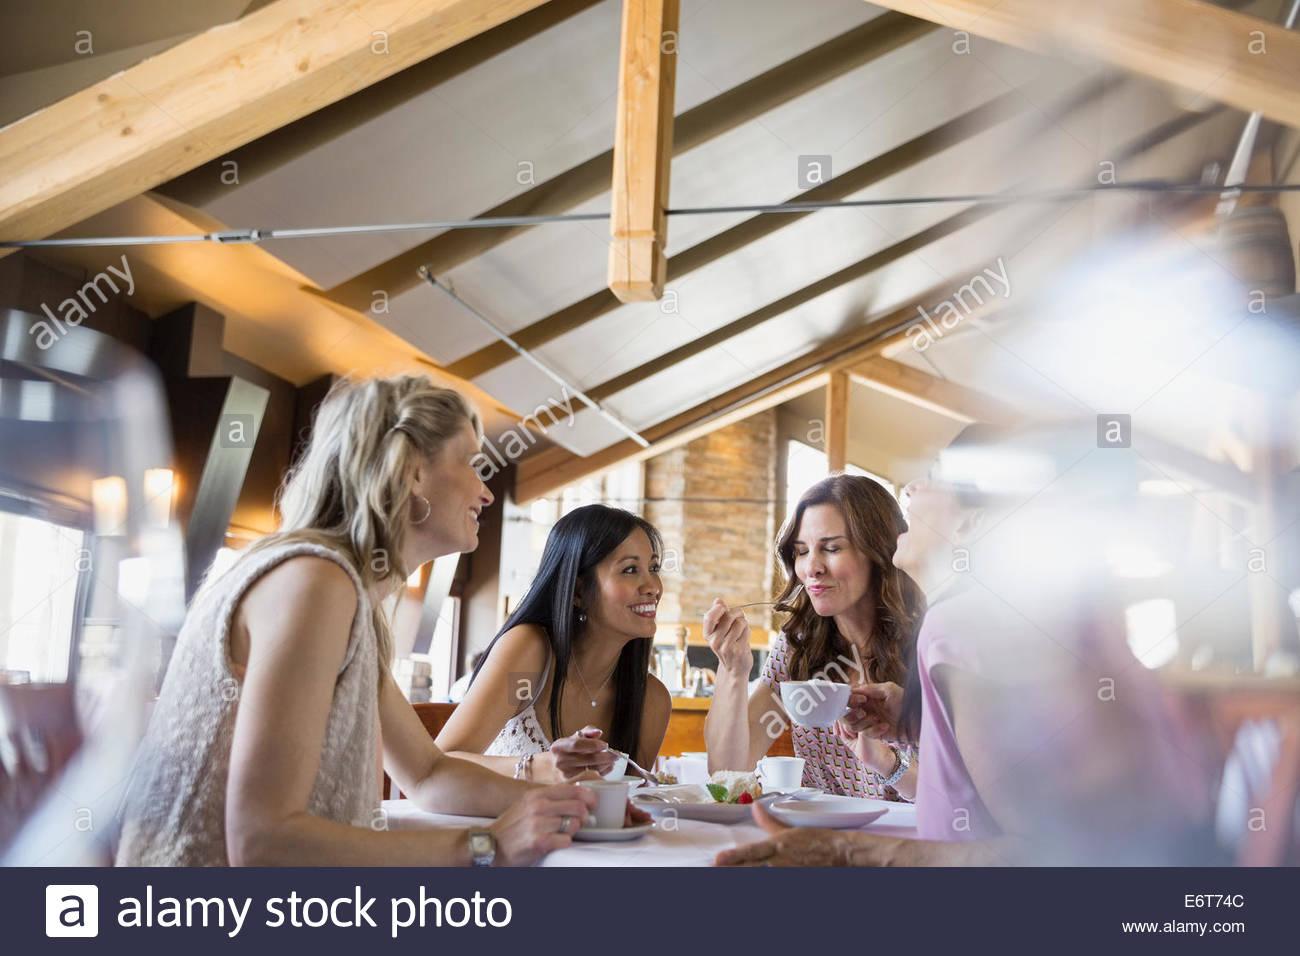 Mulheres comer juntos no restaurante Imagens de Stock